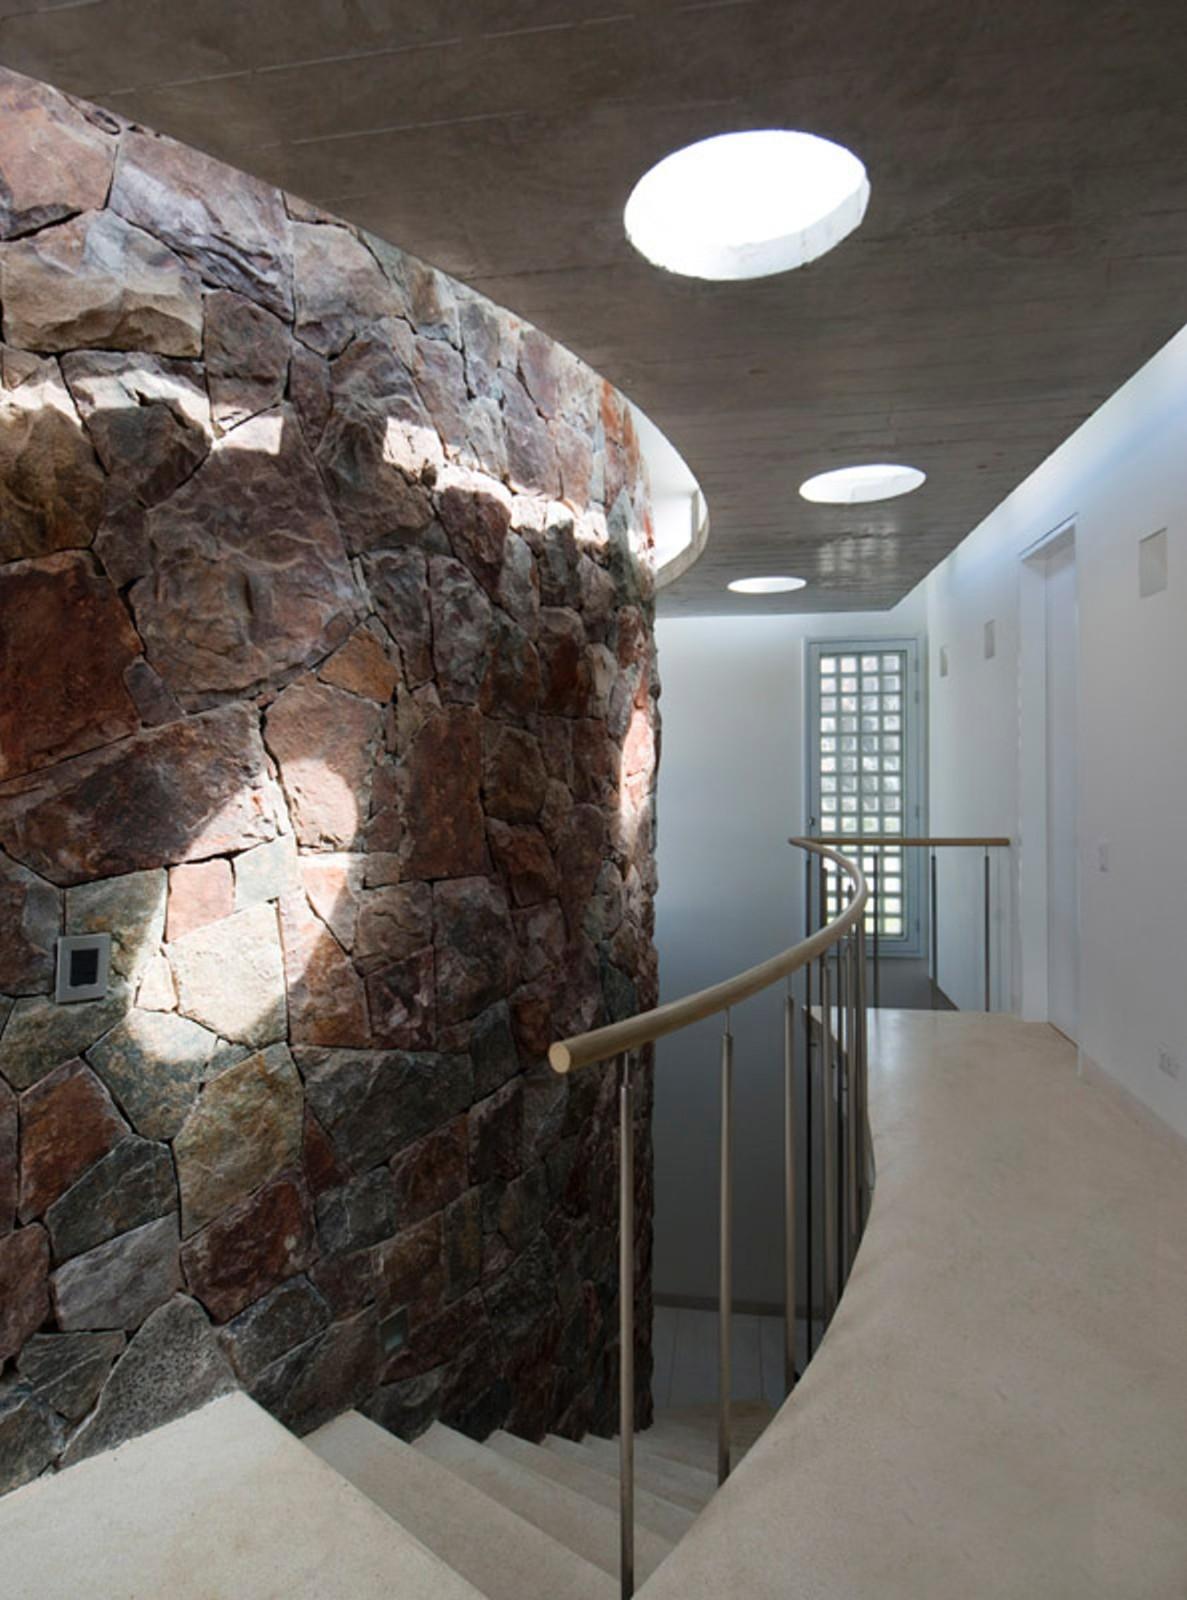 圆形建筑平面图_红山石墙上生长出的白色住宅:隆达海边度假别墅 | 建筑学院